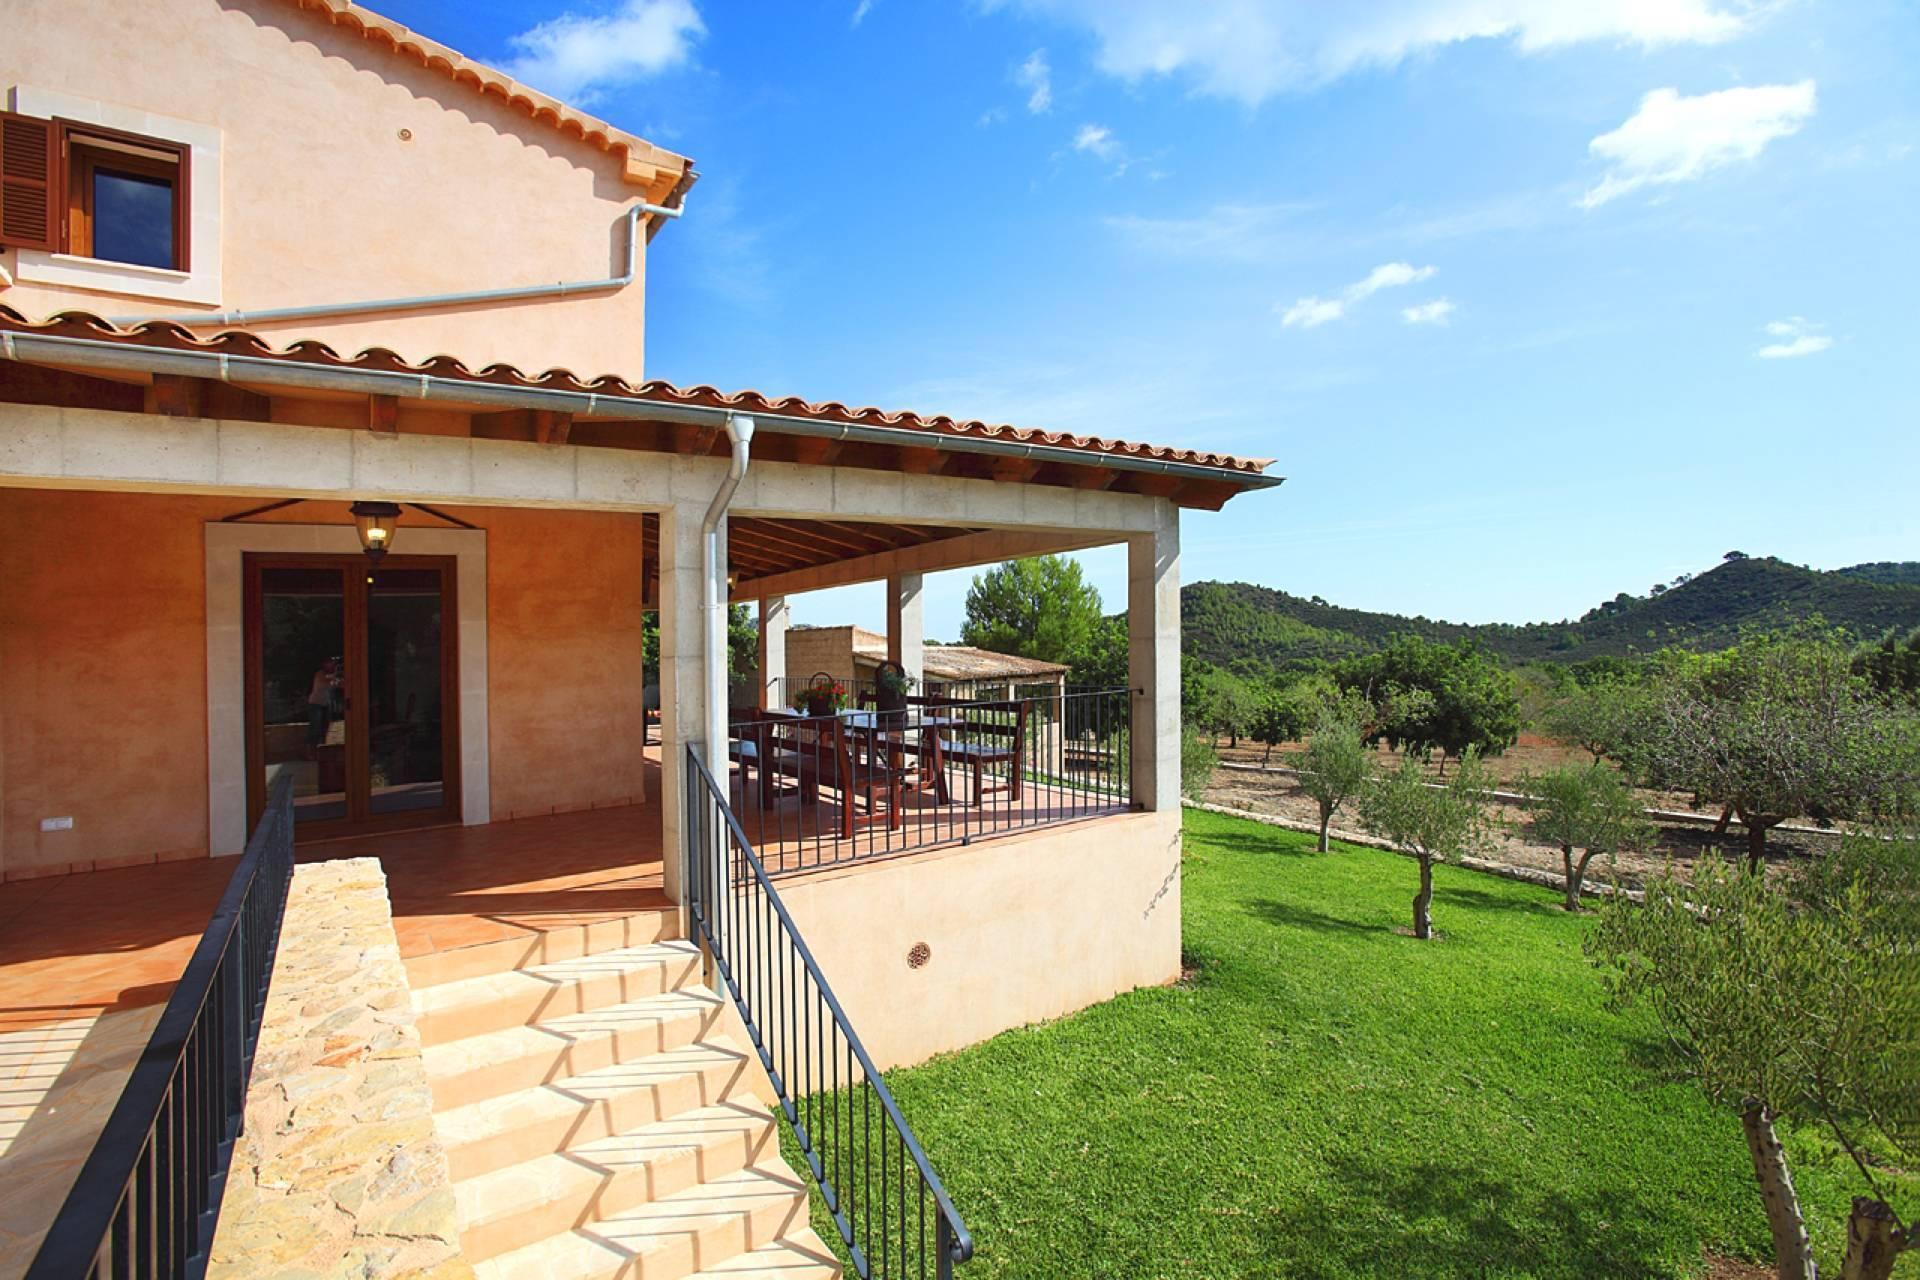 01-159 Ländliches Ferienhaus Mallorca Osten Bild 18